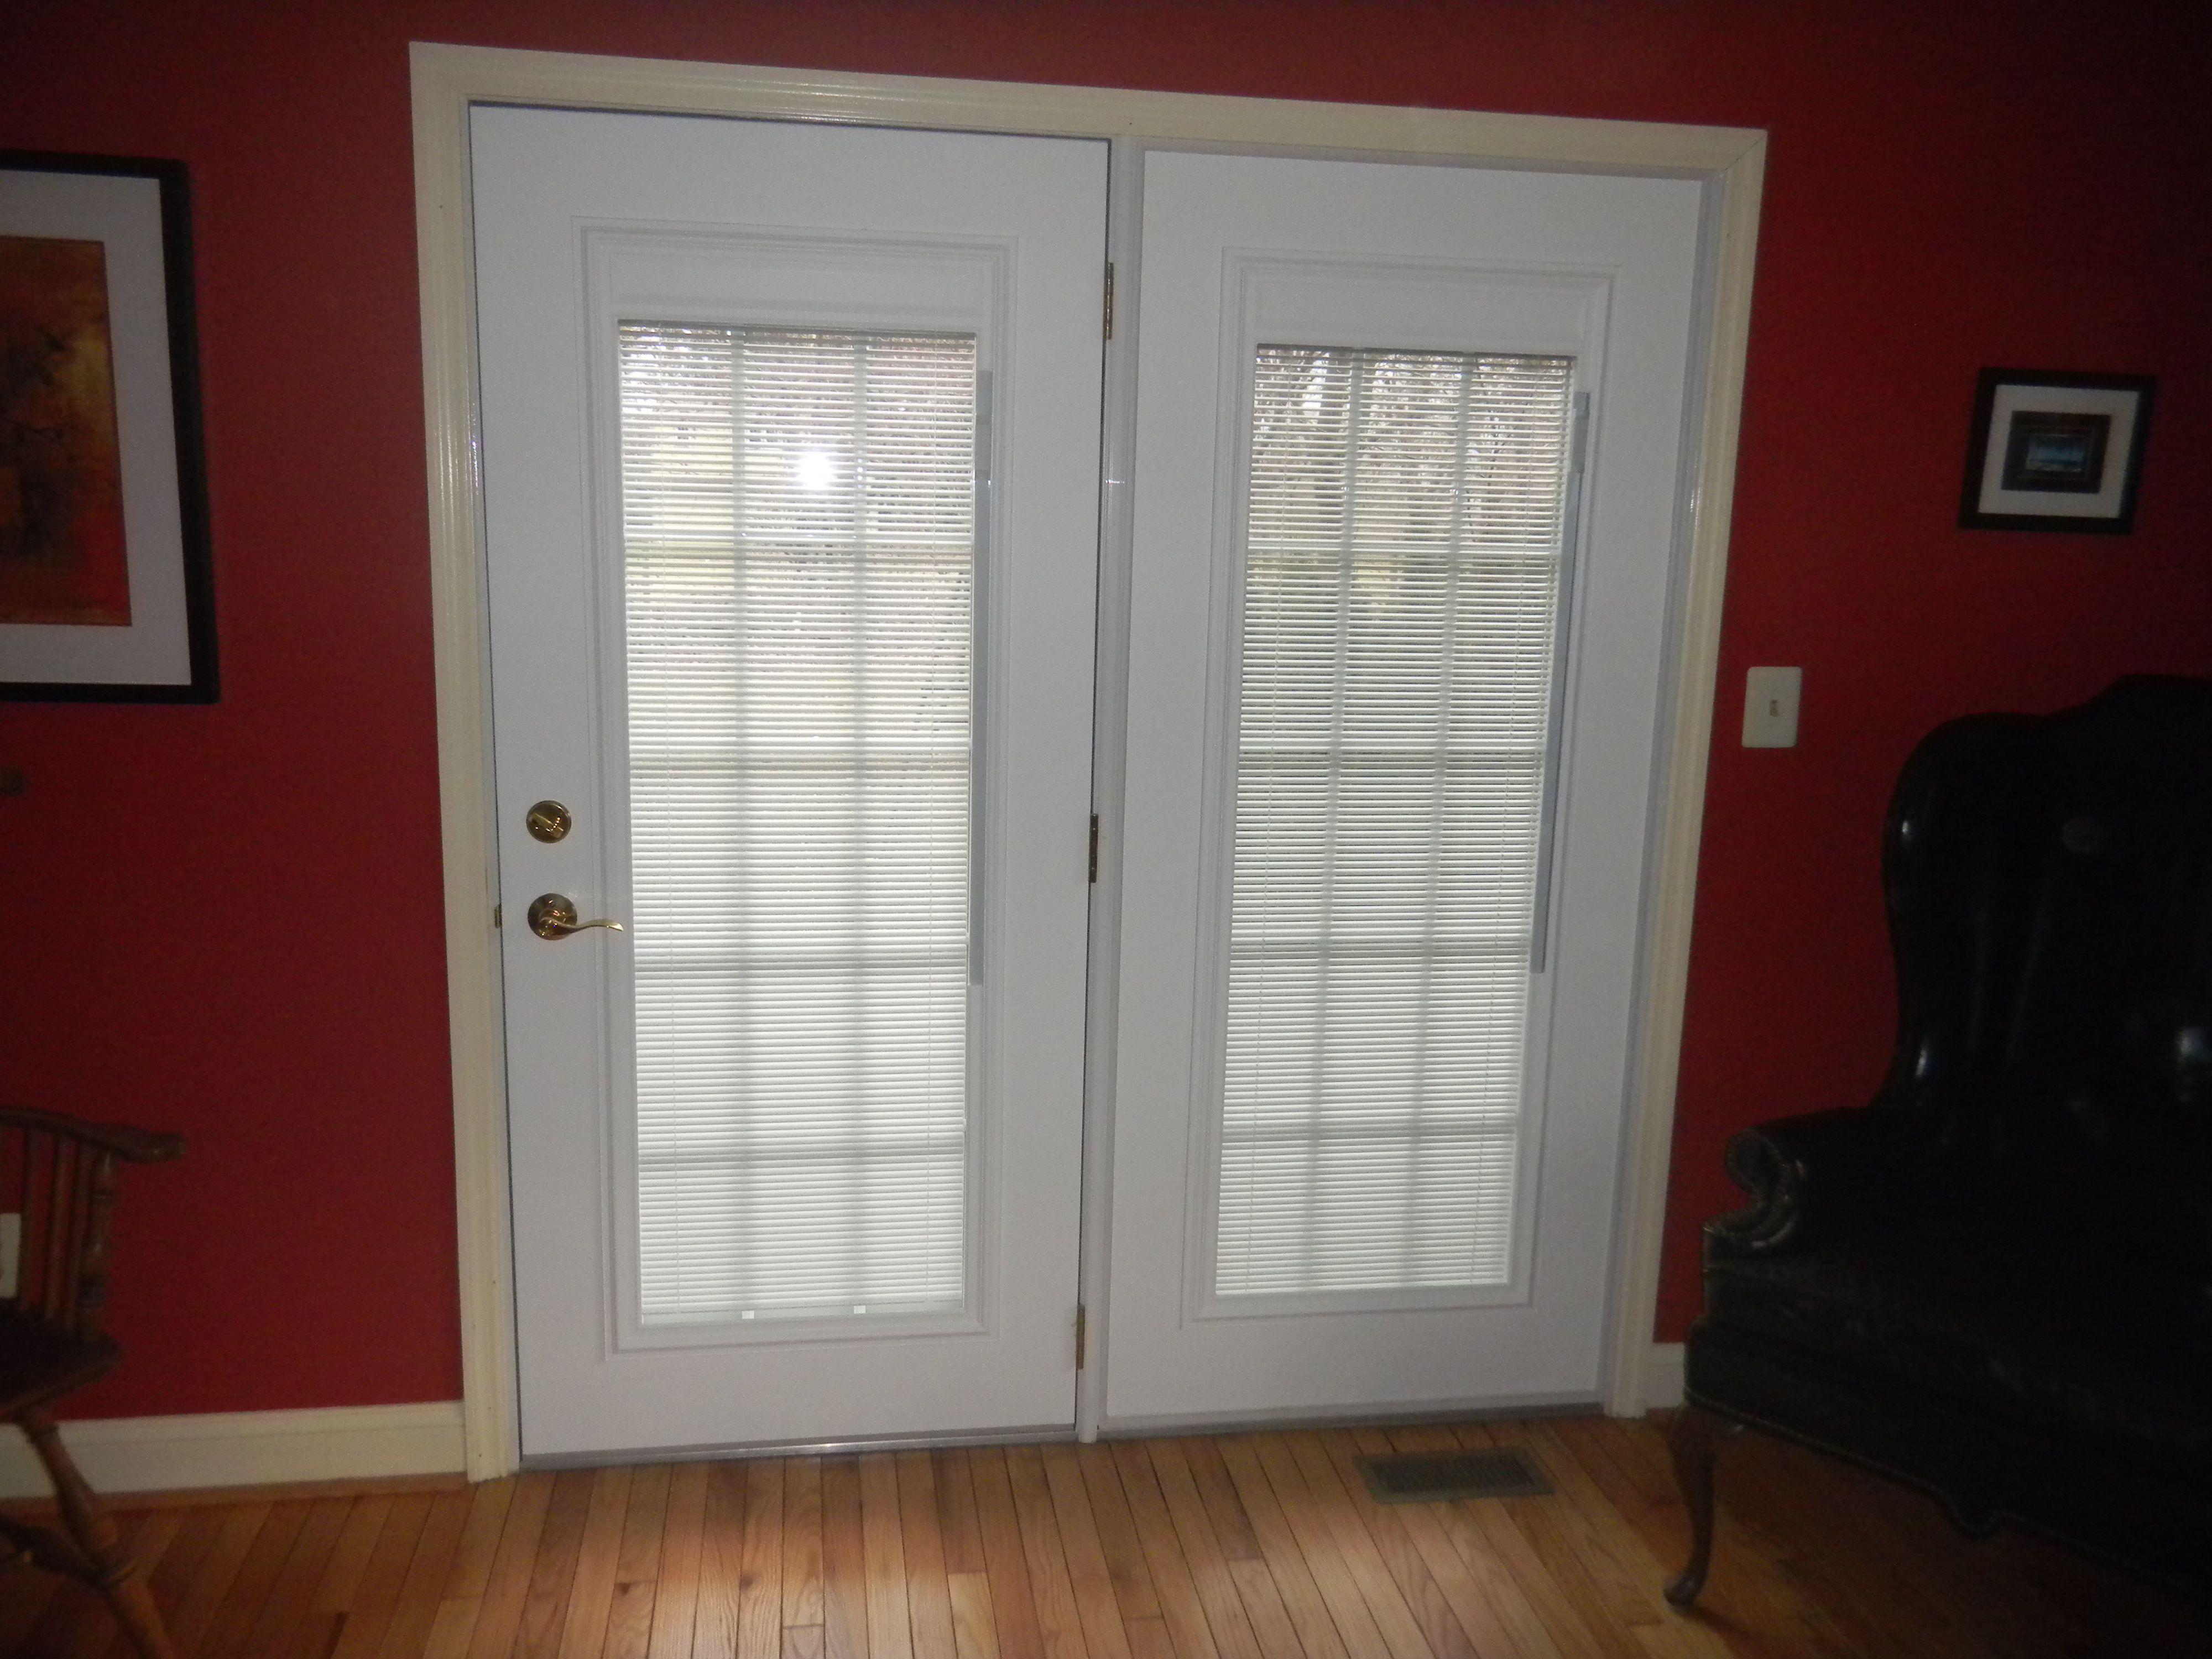 Steel Entry Doors With Blinds Between